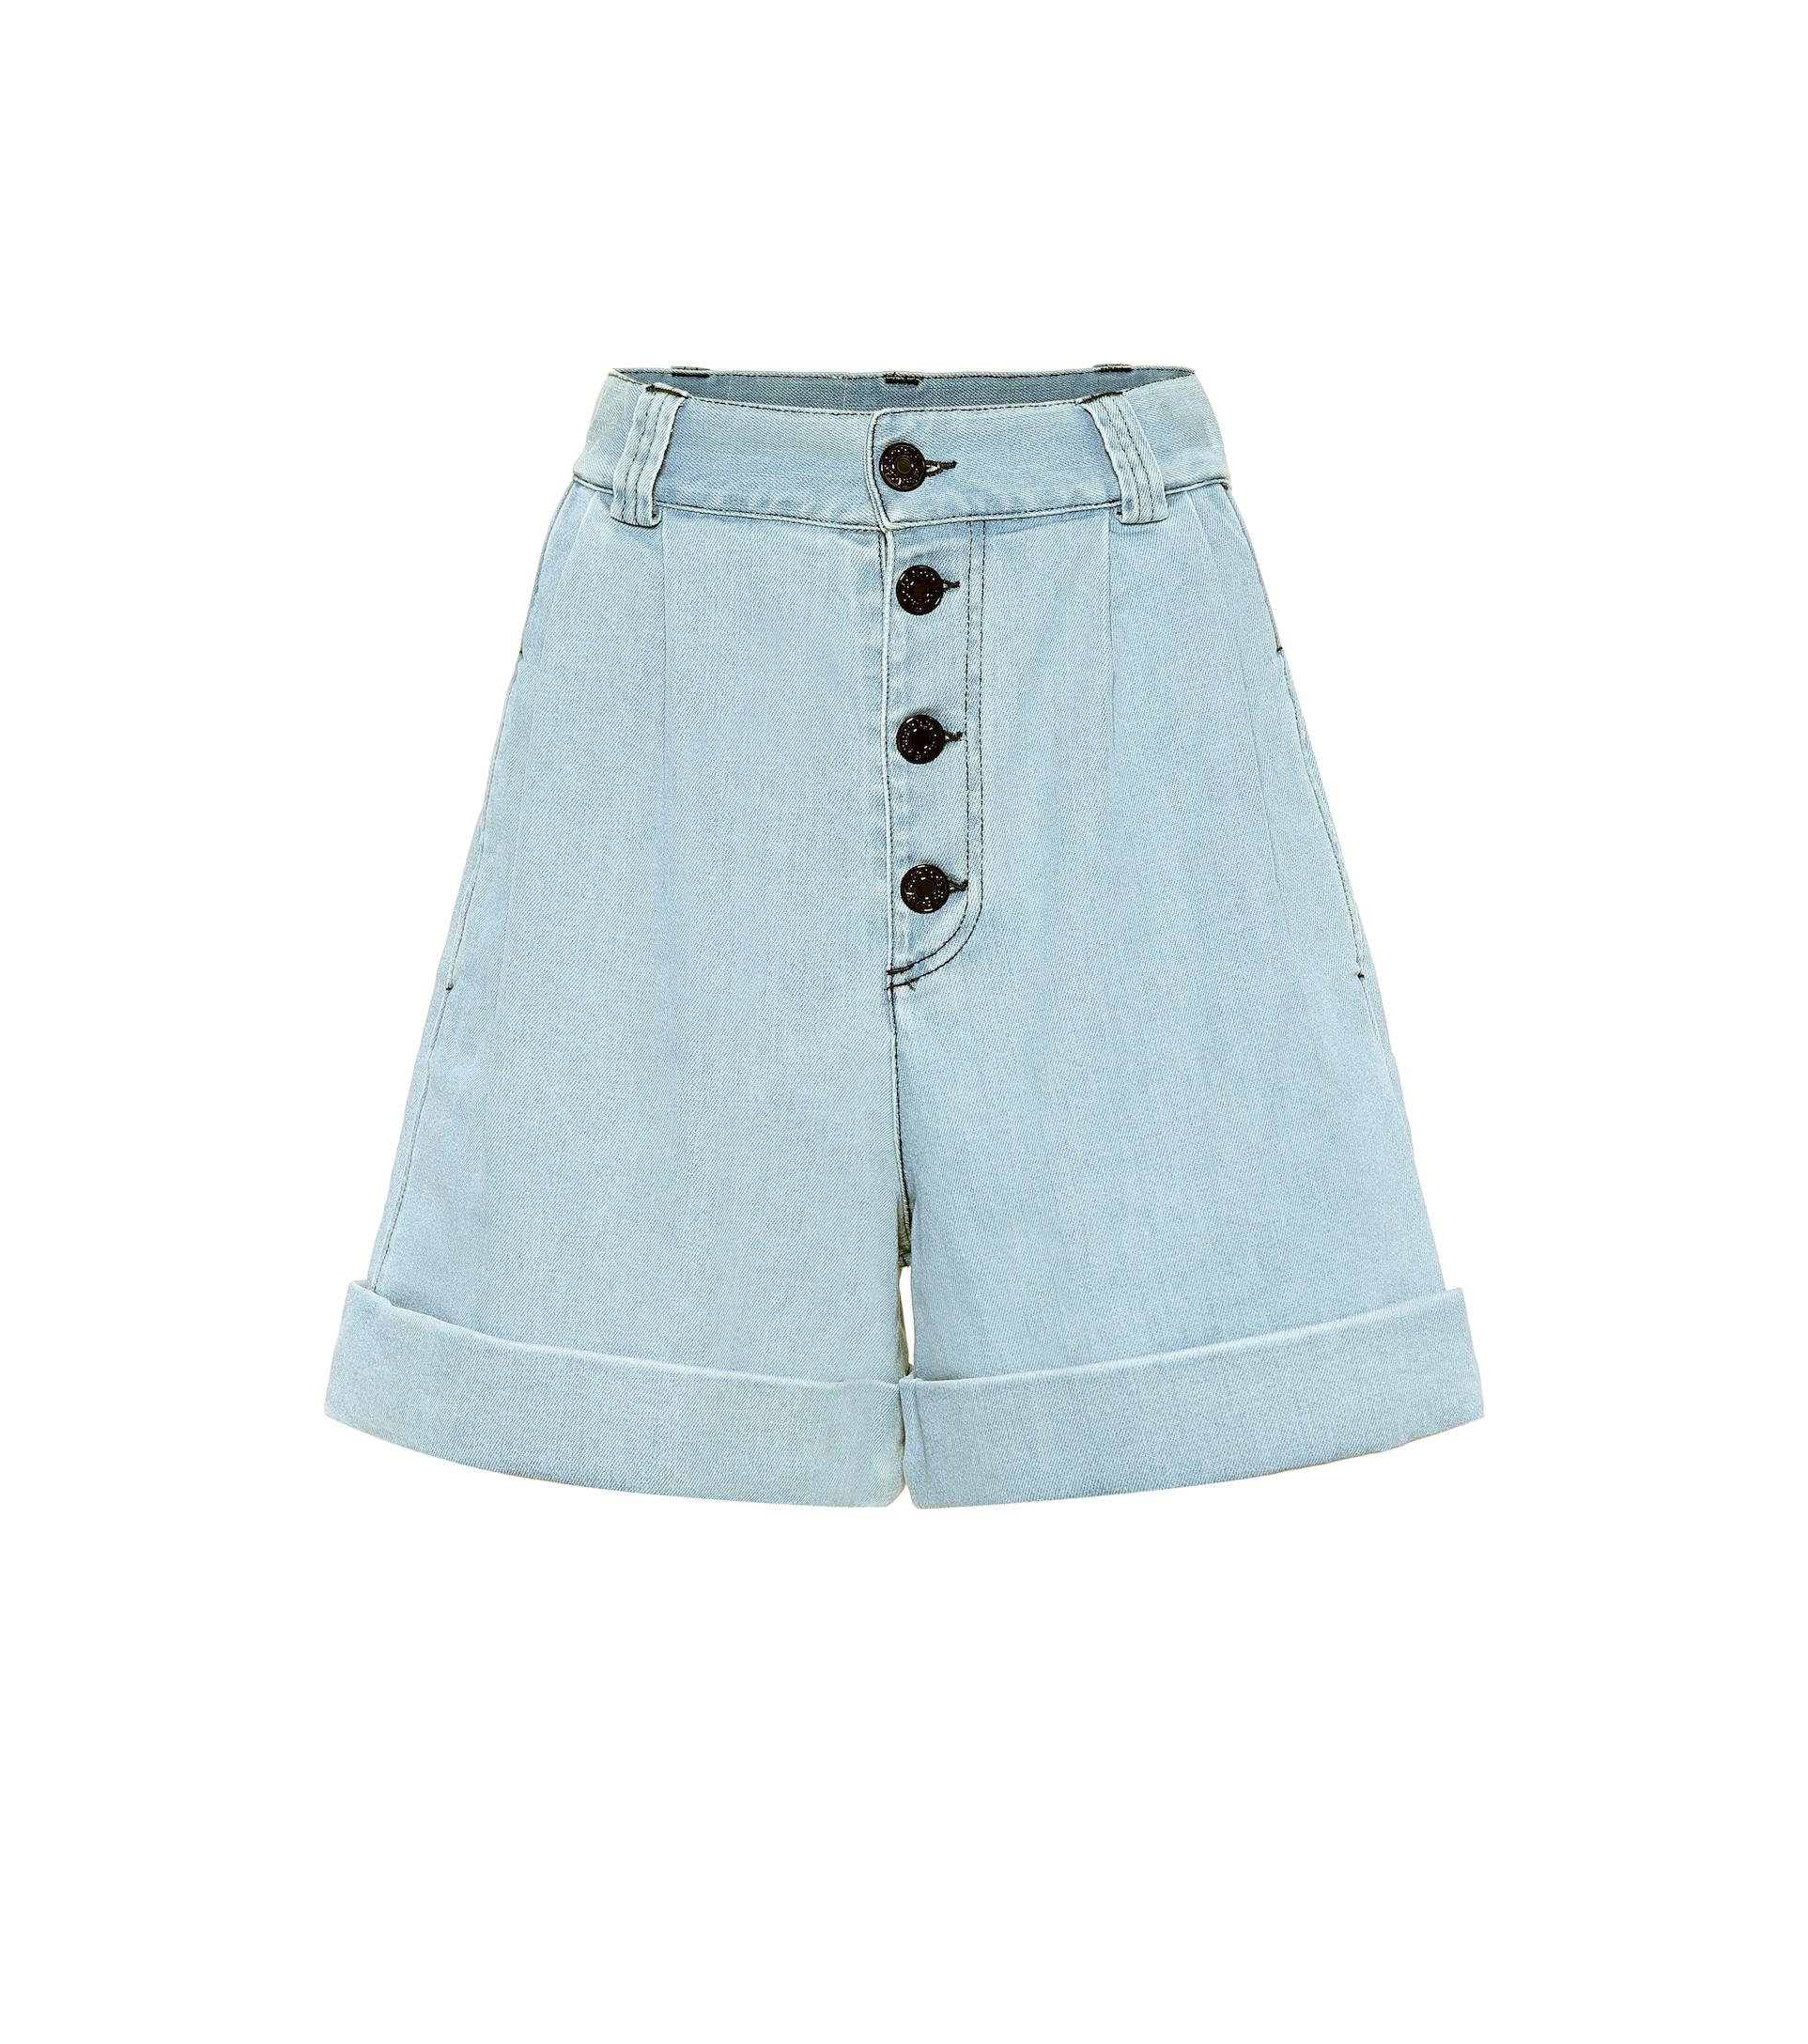 Дънкови панталони See by Chloé от My Theresa, 455лв.